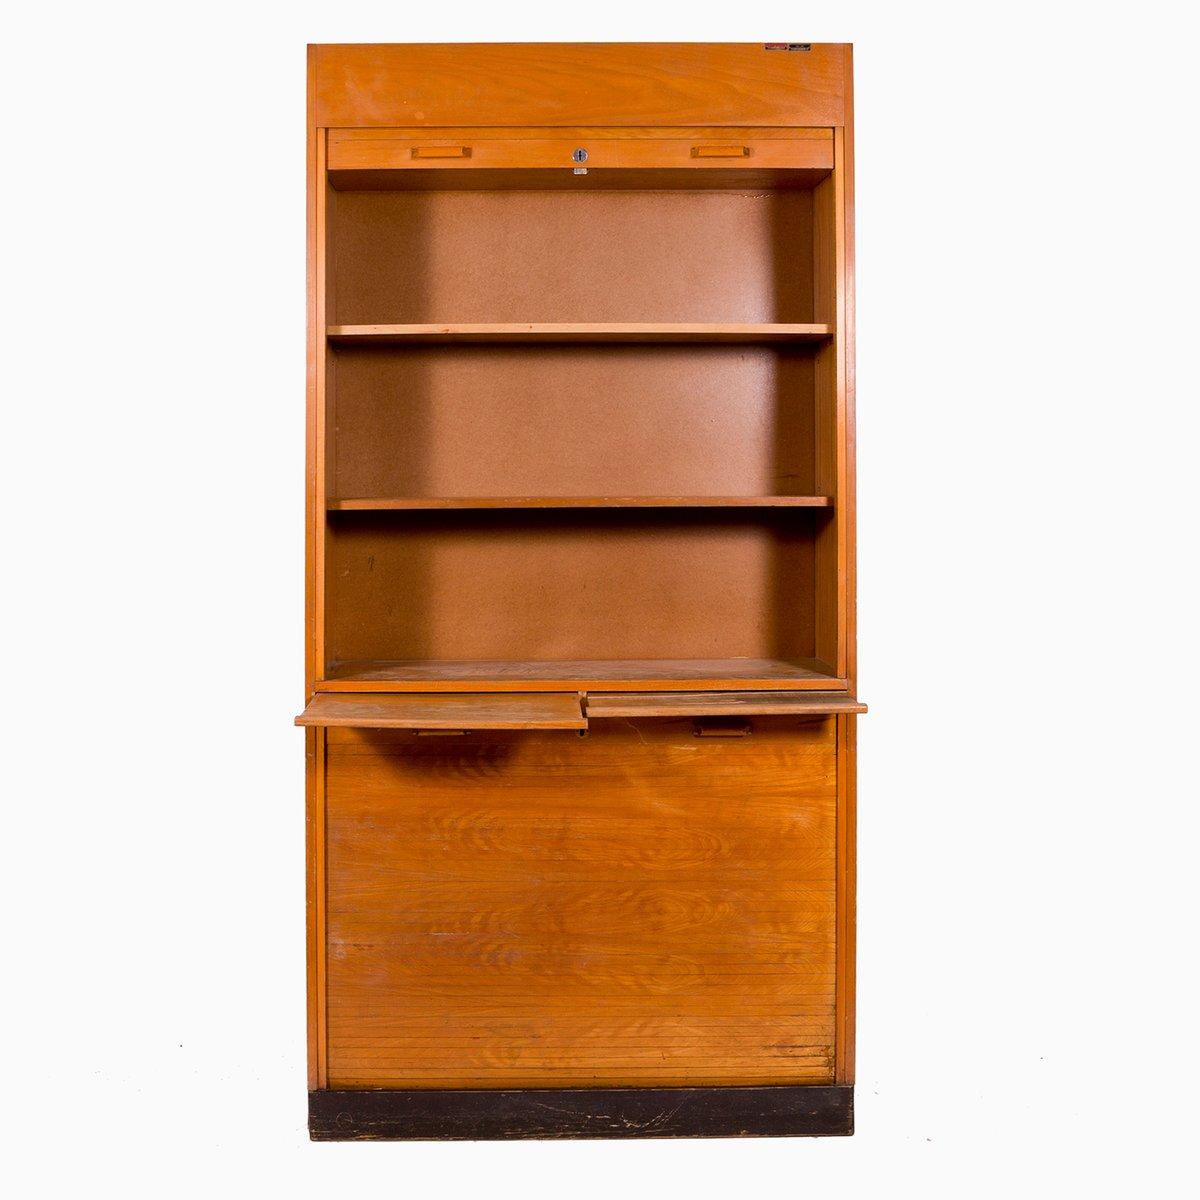 vintage schrank mit rollt r bei pamono kaufen. Black Bedroom Furniture Sets. Home Design Ideas